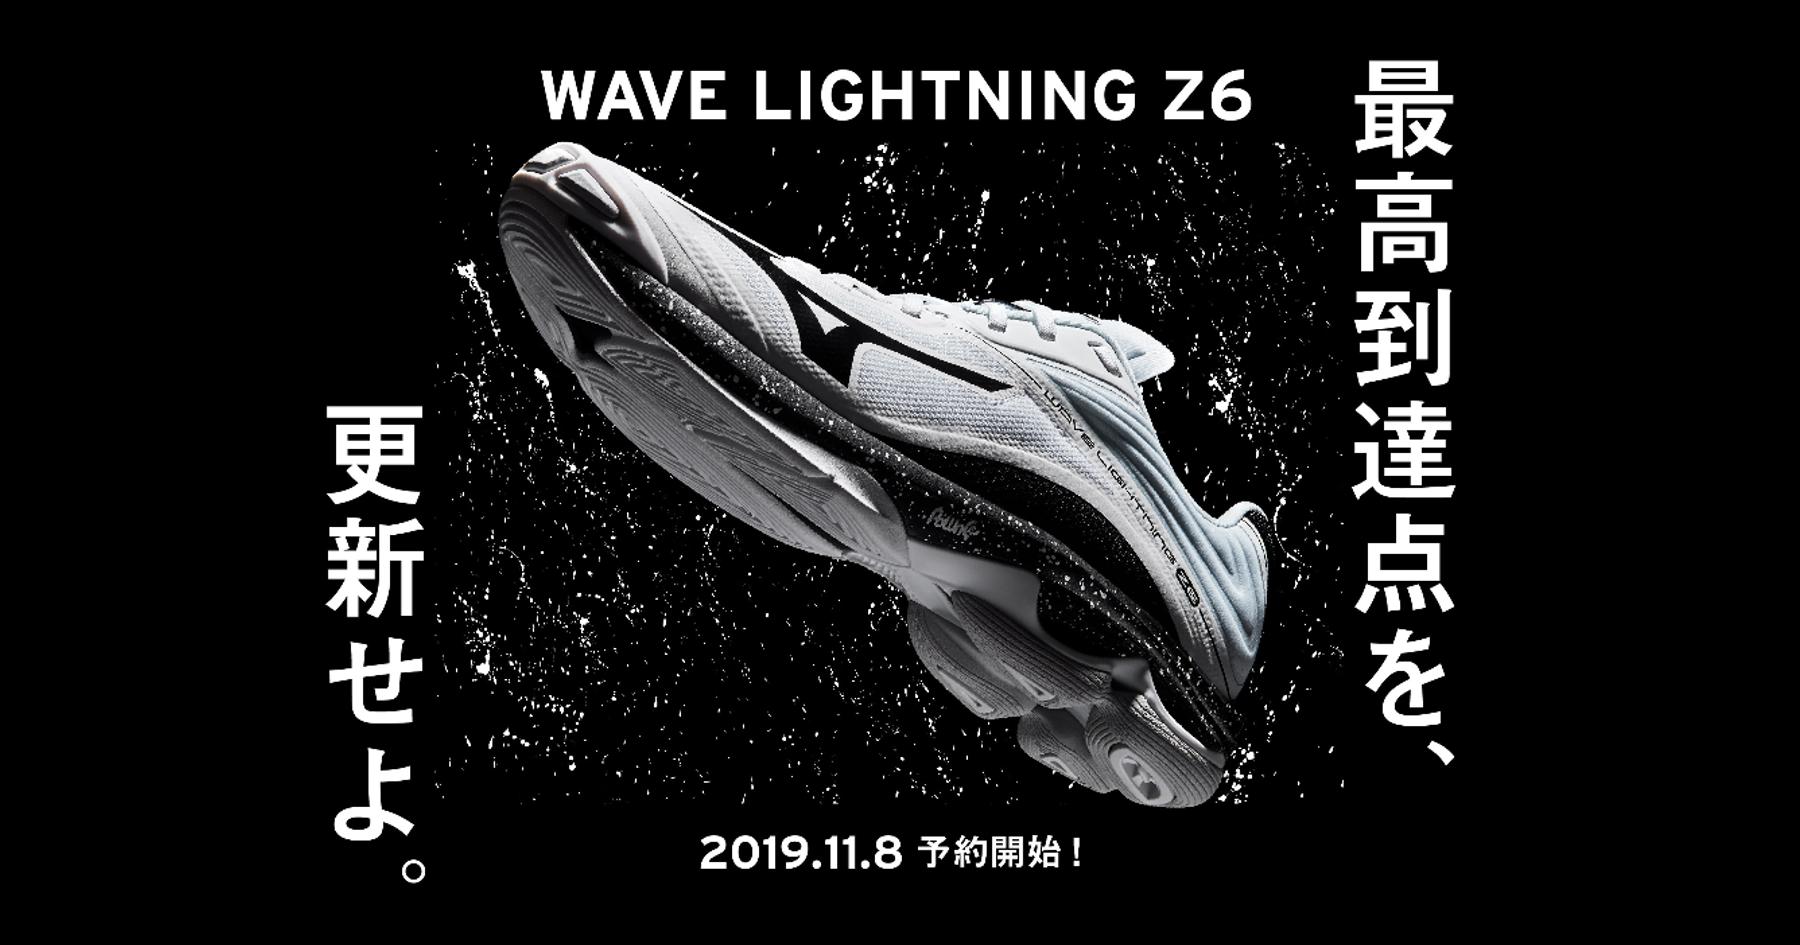 【2019.11.8 予約開始!】 Mizuno バレーボールシューズ最新作!「ウェーブライトニングz6」